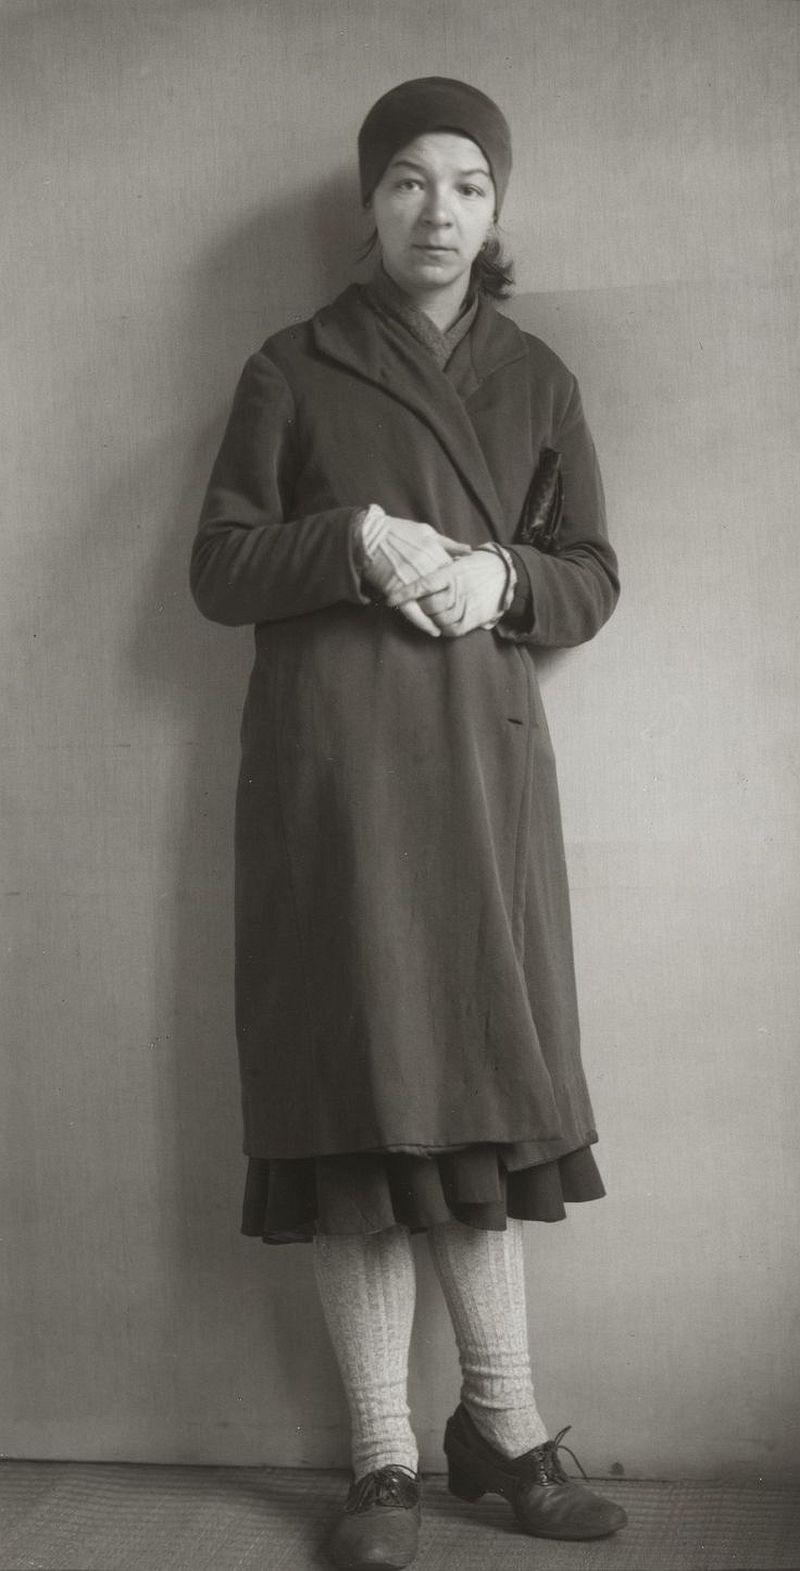 © Die Photographische Sammlung / SK Stiftung Kultur - August Sander Archiv, Cologne / ARS, NY